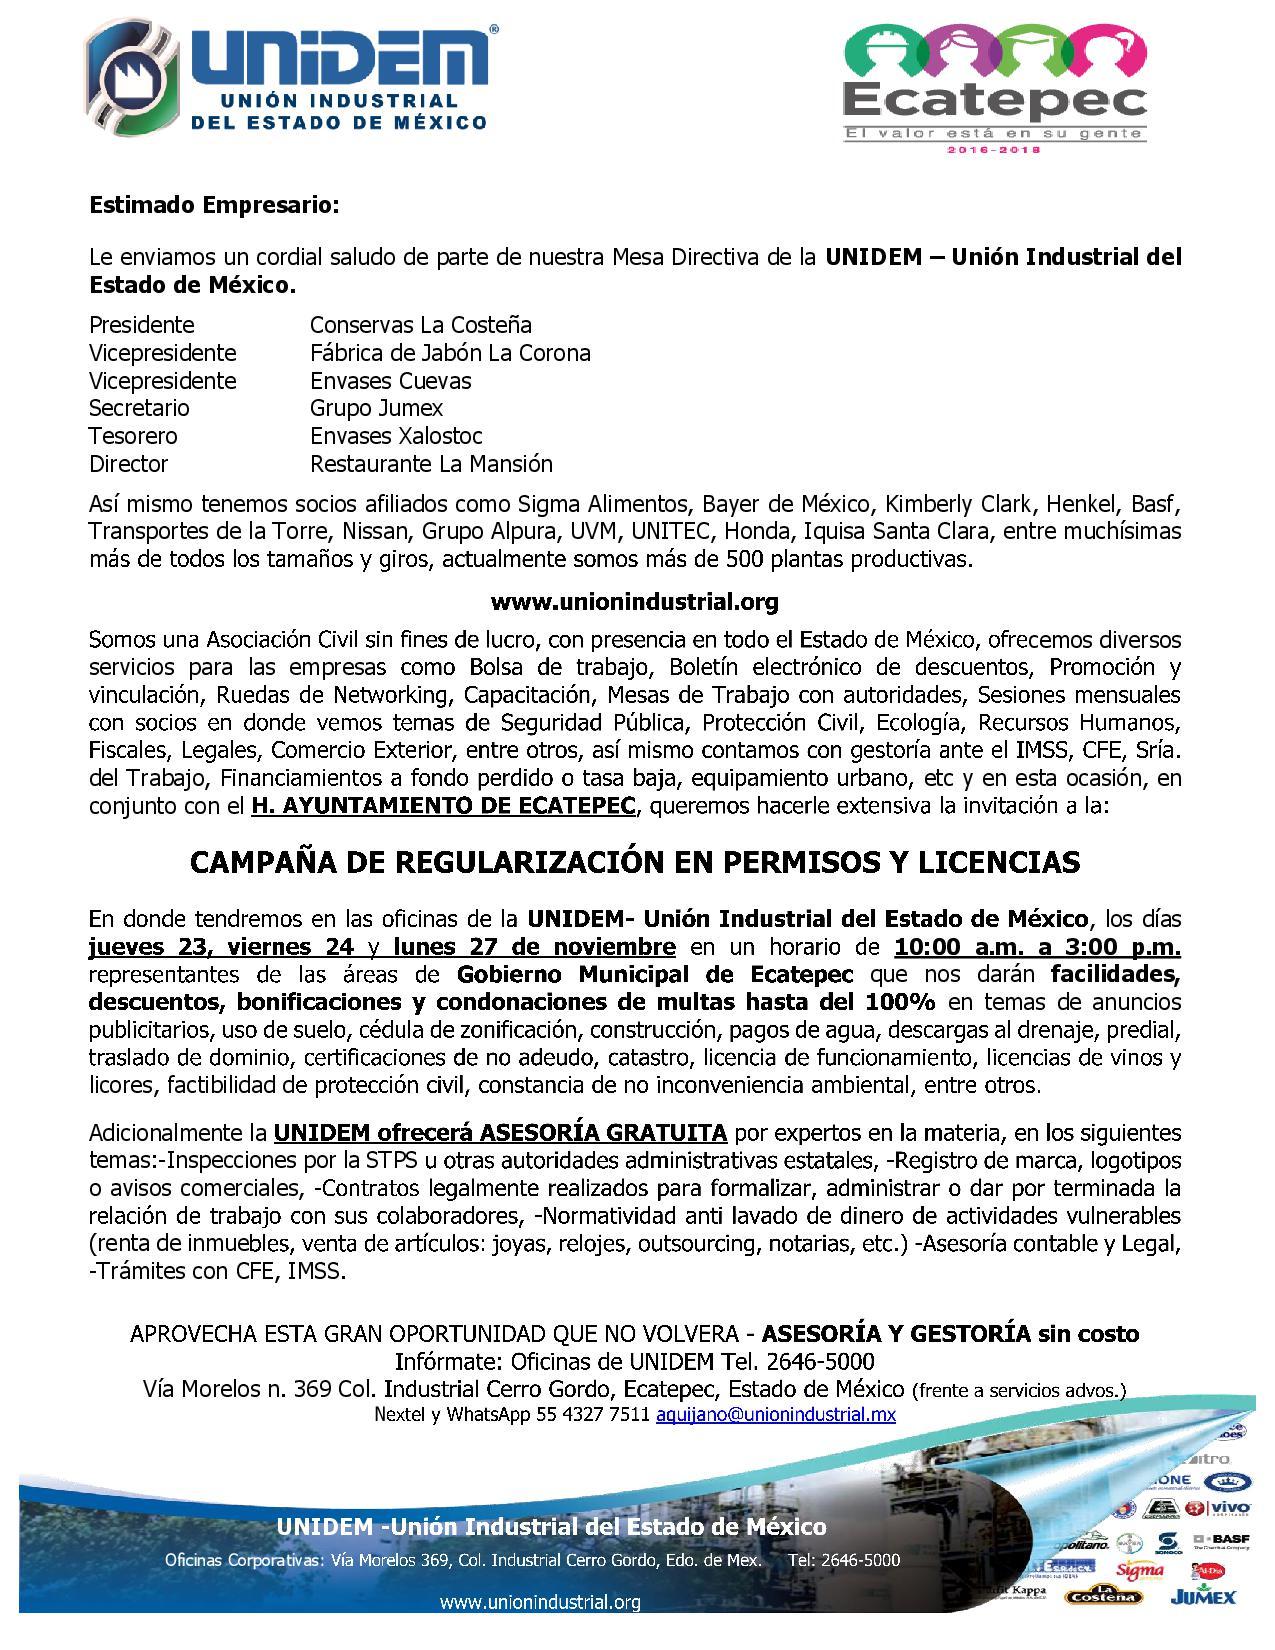 Oficio - Campana de regularizacion en permisos y licencias